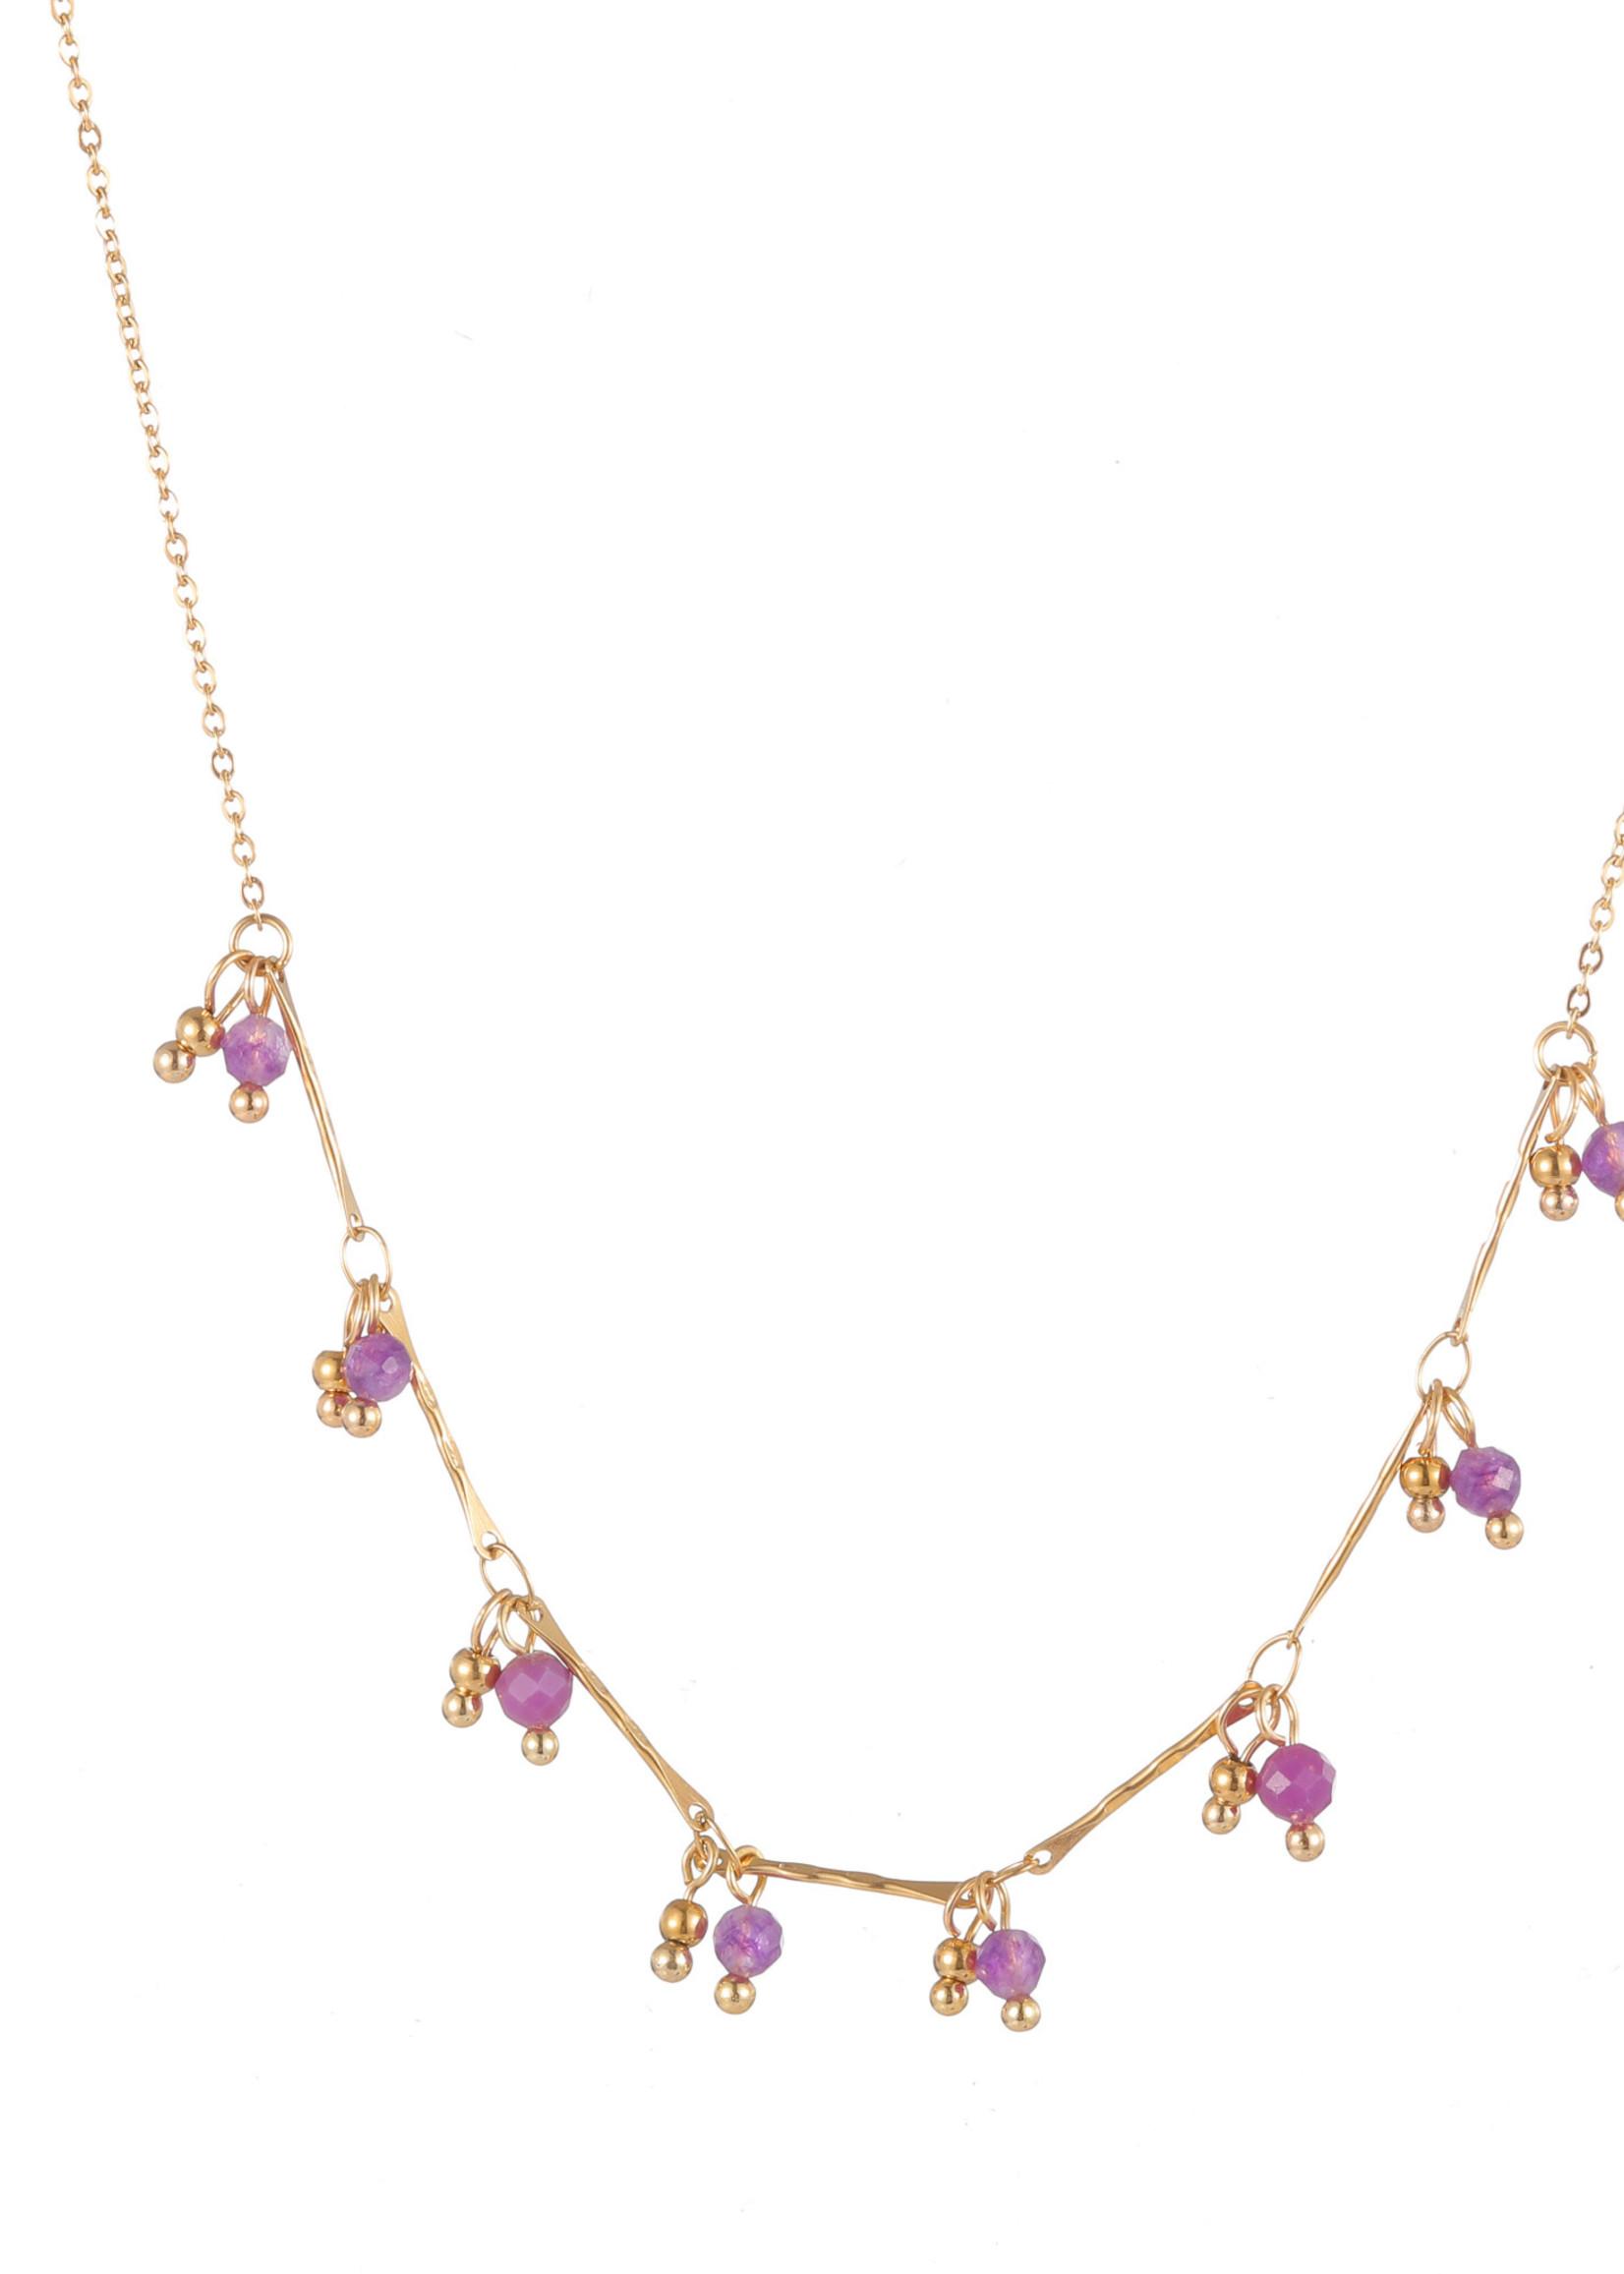 Ketting goud met paarse steentjes N1761-2